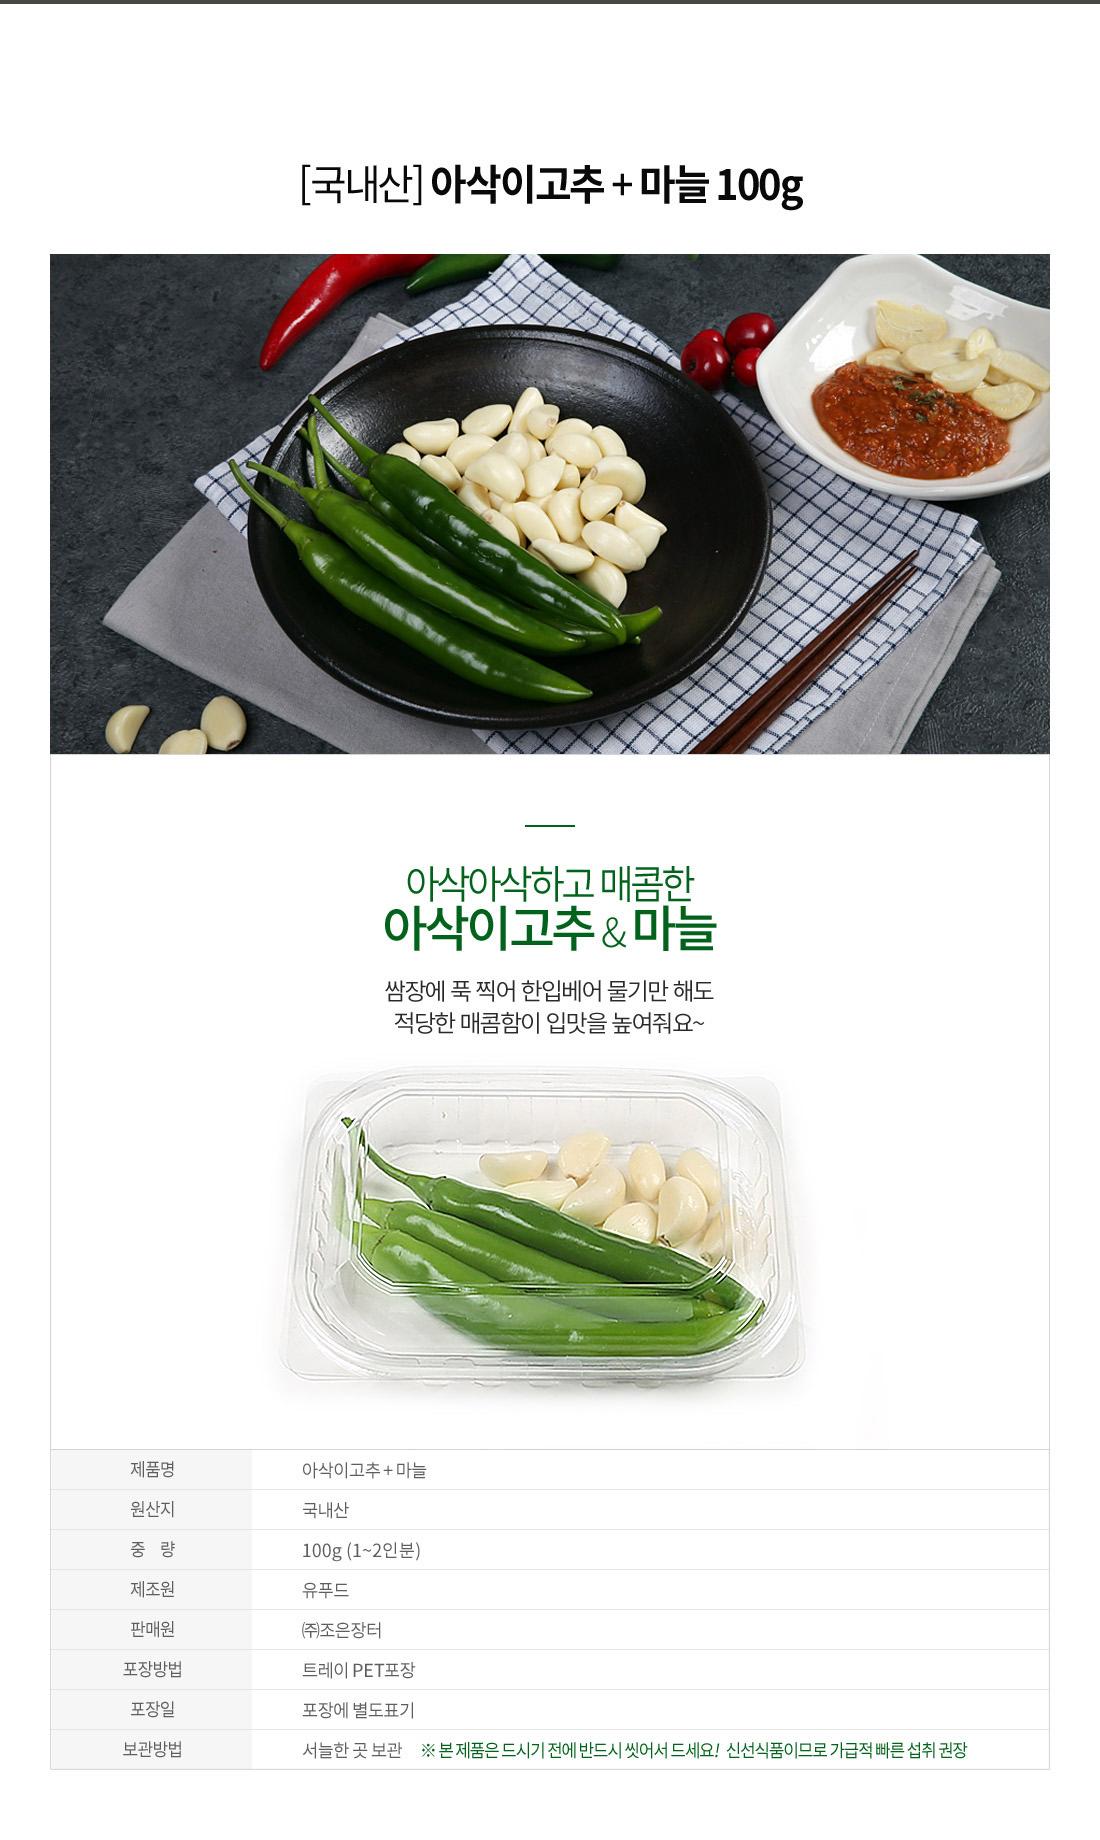 고추장파채양념90g